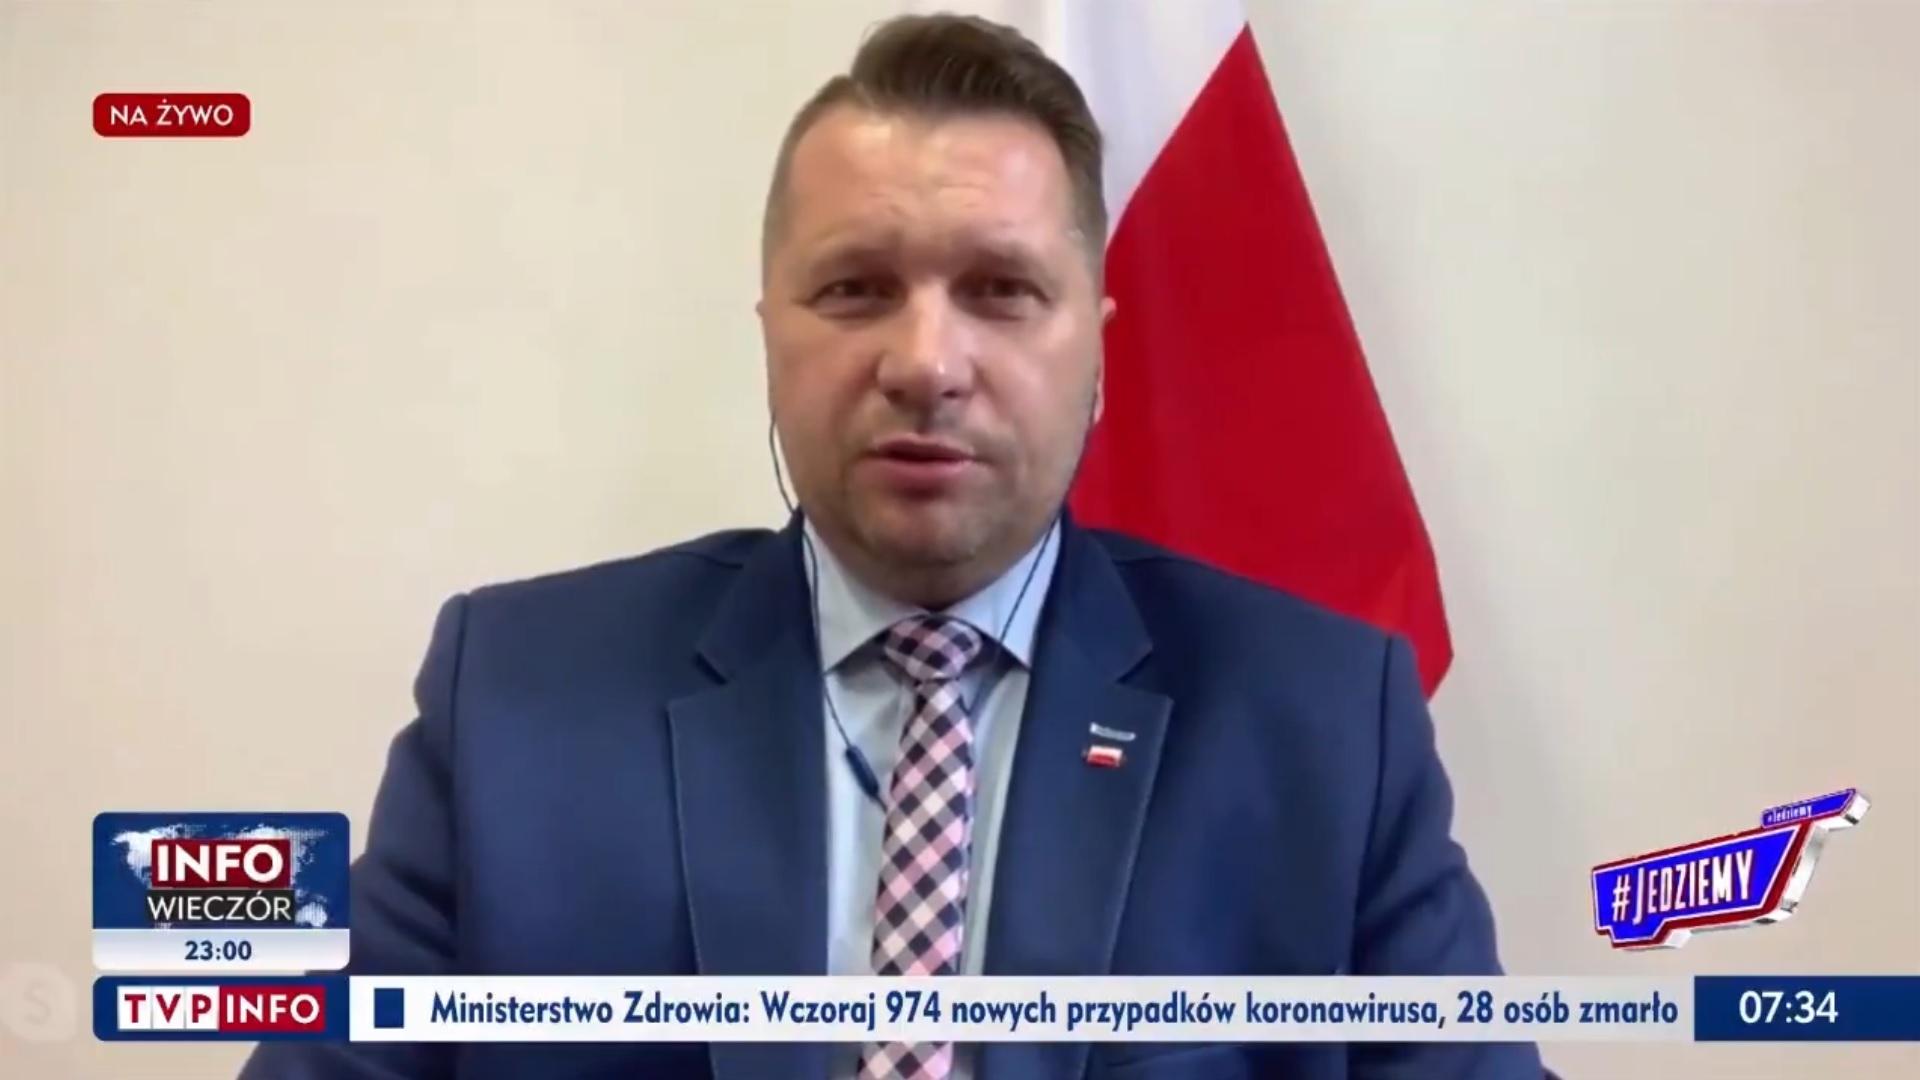 Przemysław Czarnek - minister rodem z najgorszego koszmaru.